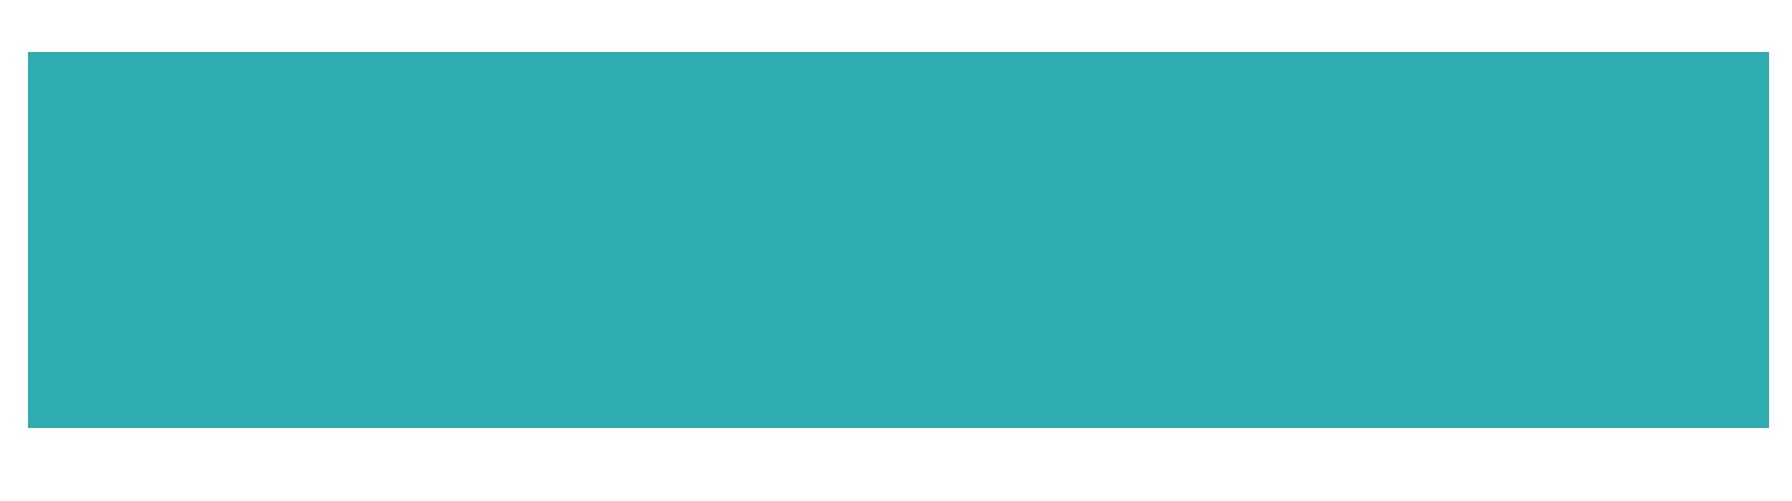 SalesStreamliner